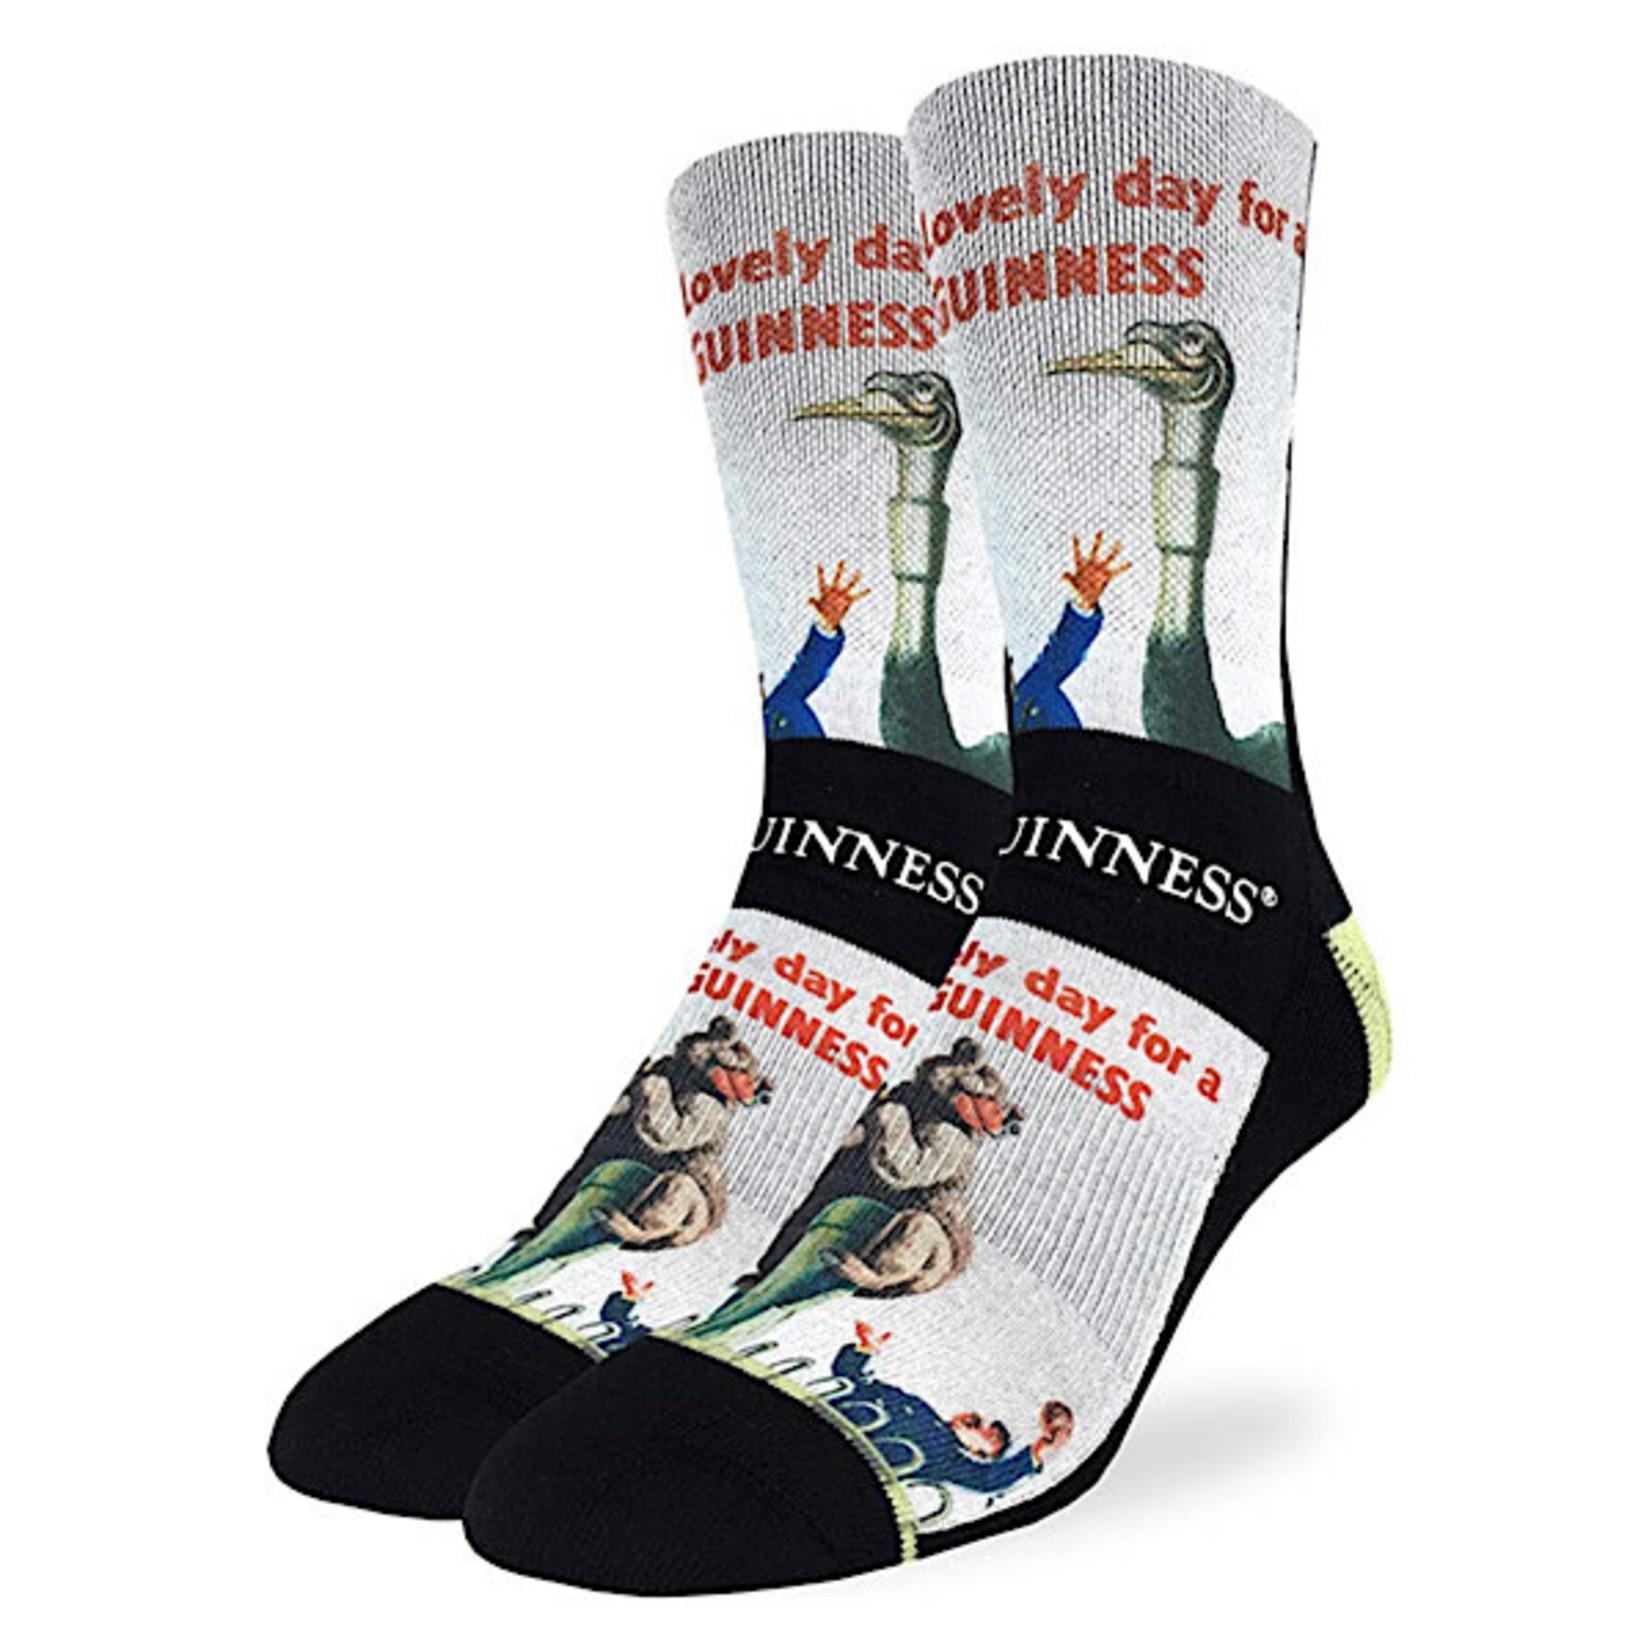 Socks (Mens) - Lovely Day For A Guinness